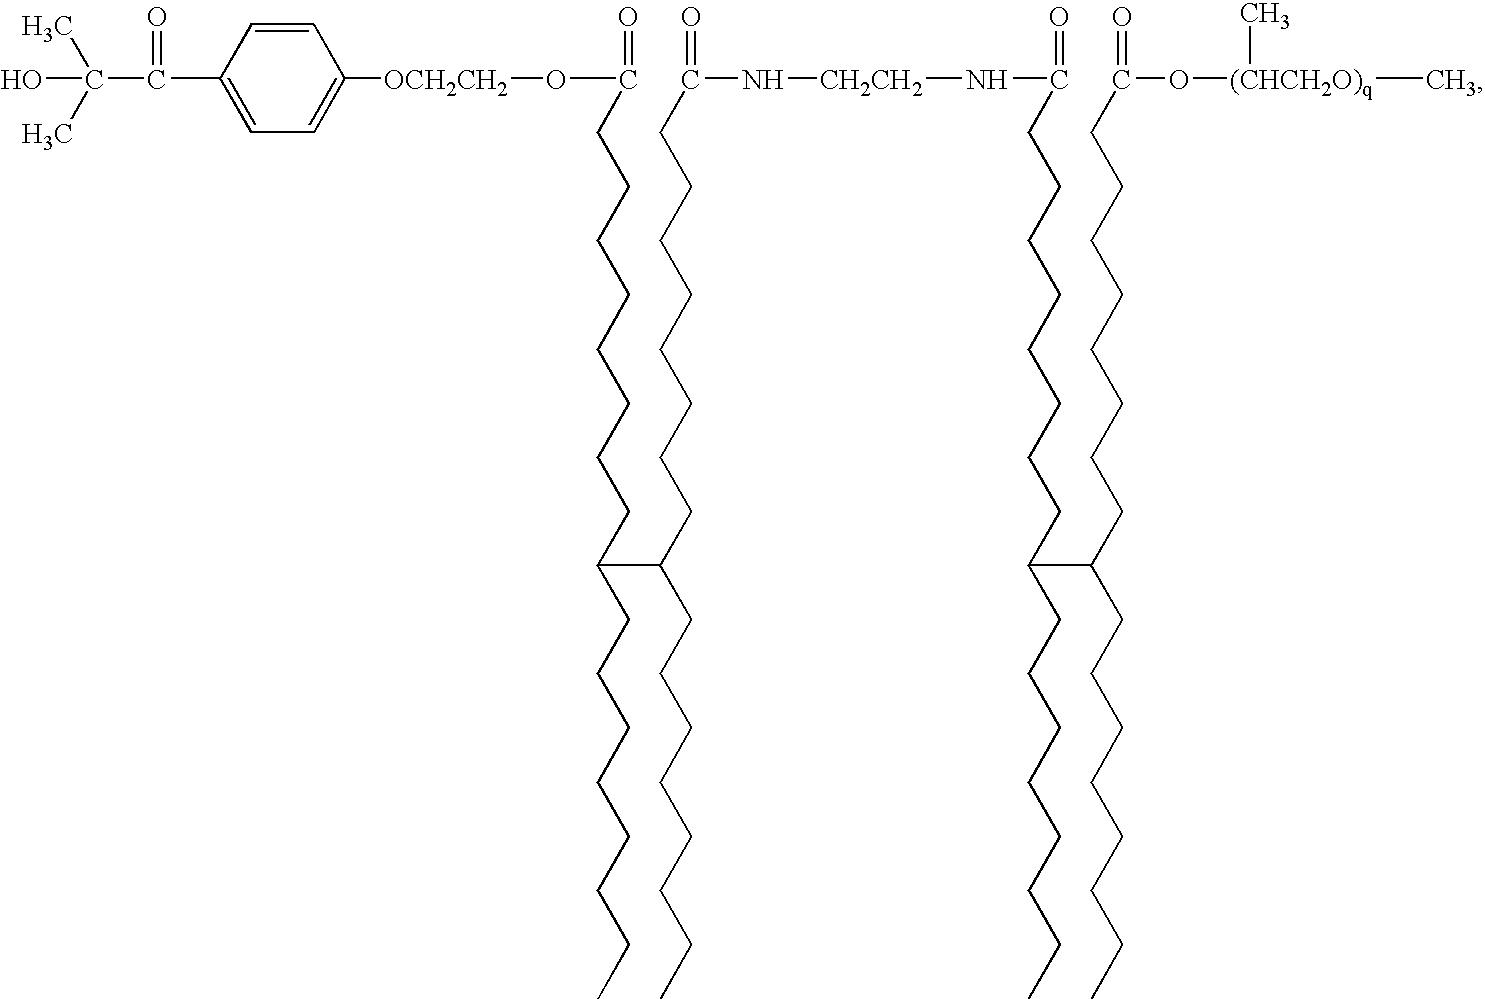 Figure US07279587-20071009-C00028